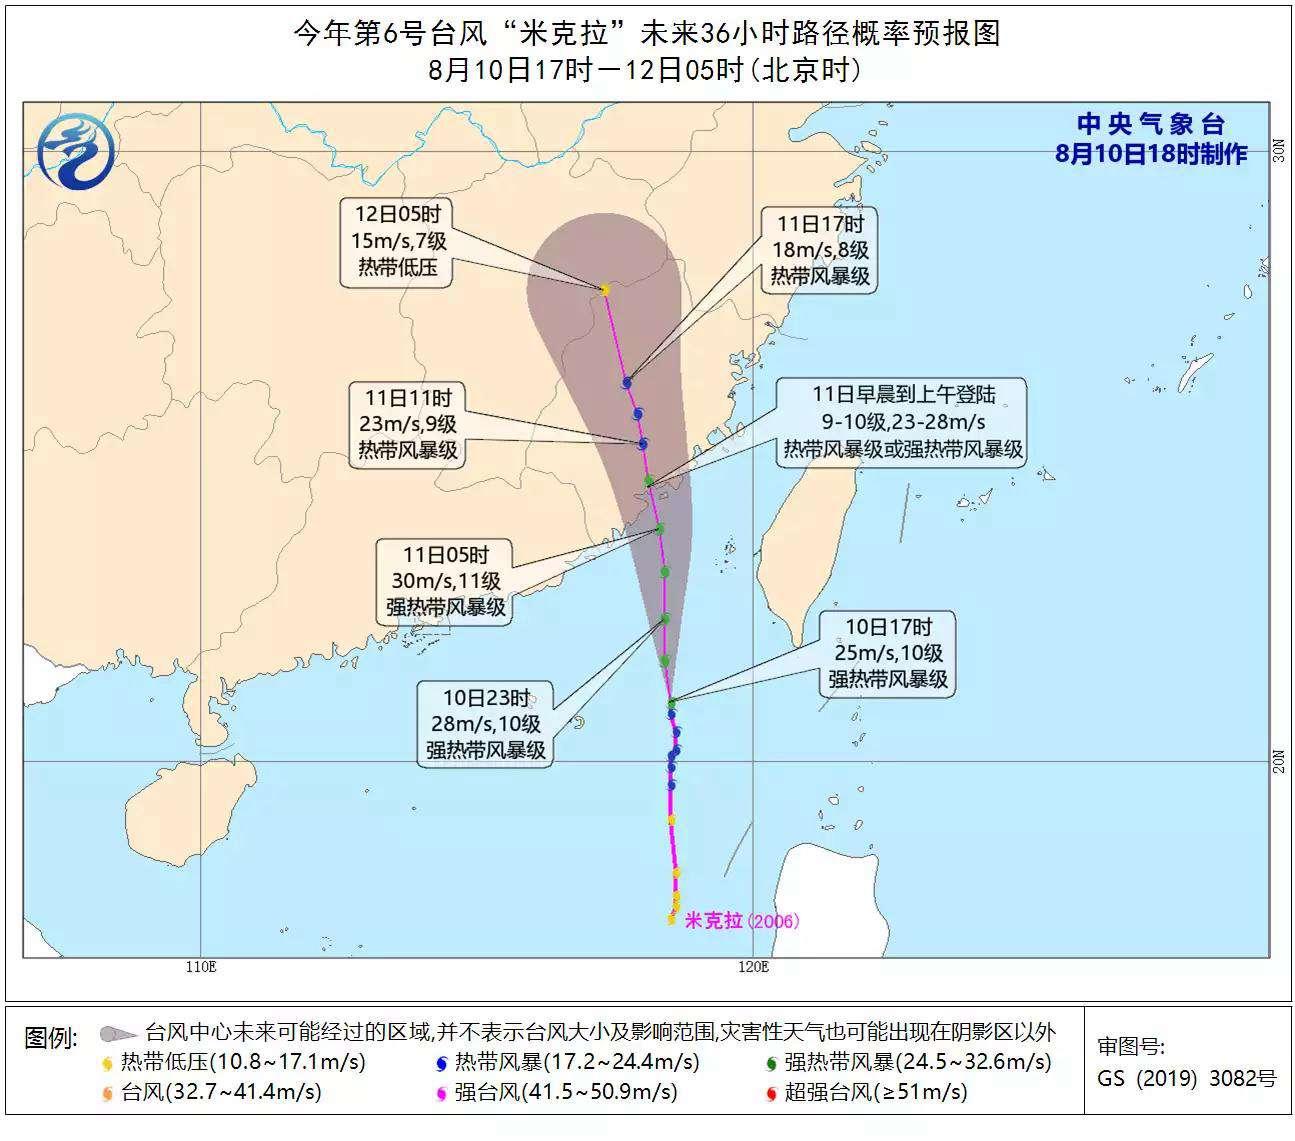 """""""米克拉""""加强为强热带风暴级 福建提升防台风应急响应为Ⅱ级"""